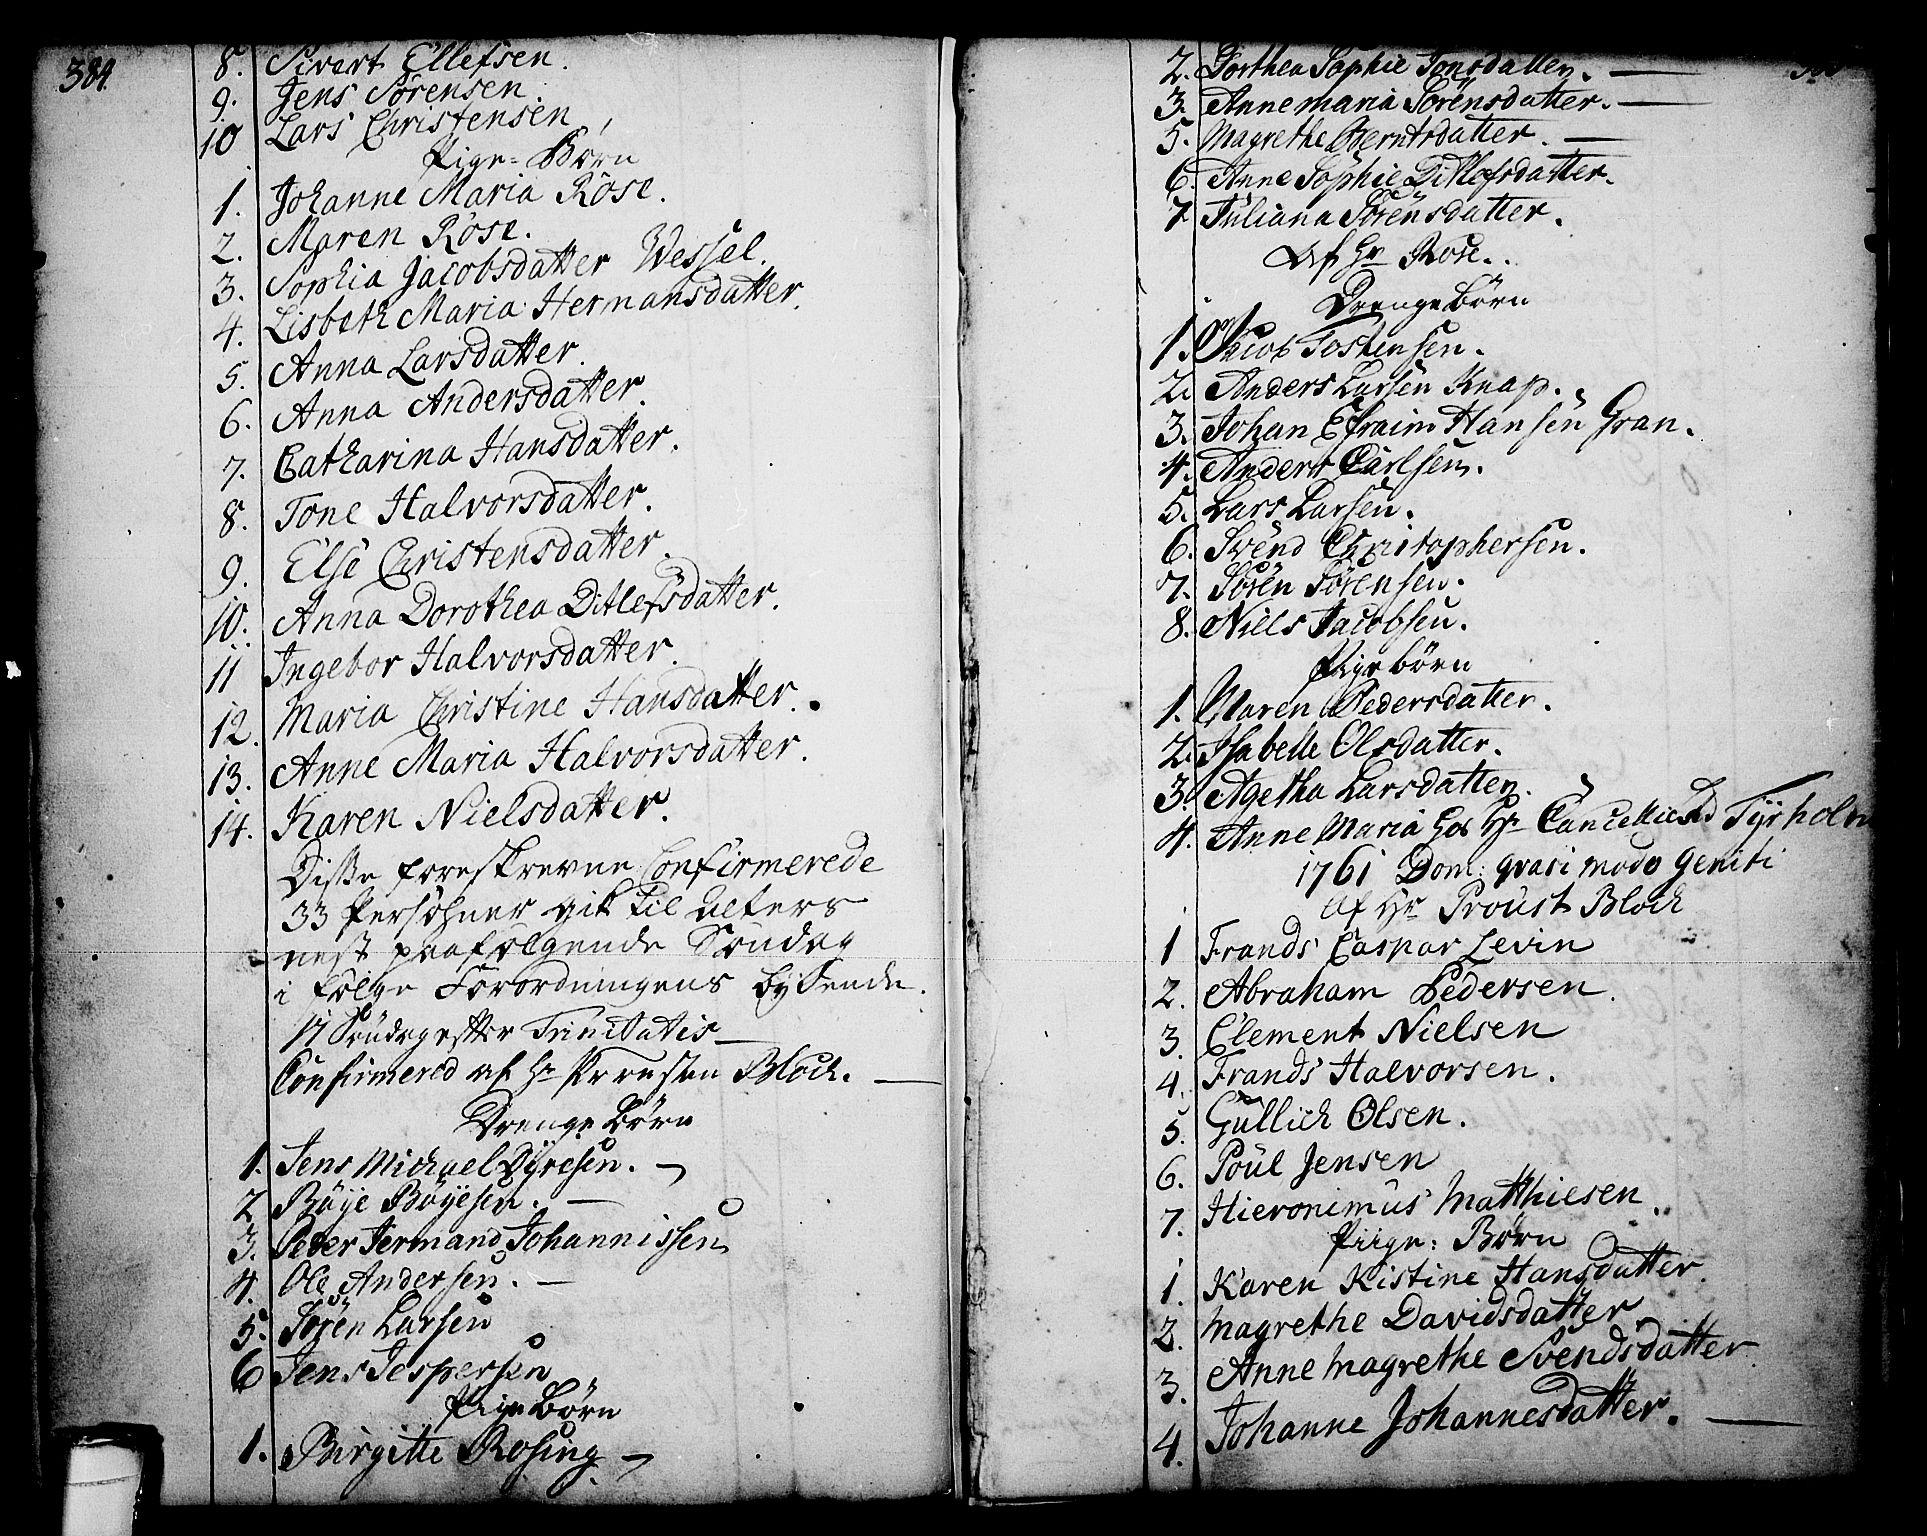 SAKO, Skien kirkebøker, F/Fa/L0003: Ministerialbok nr. 3, 1755-1791, s. 384-385